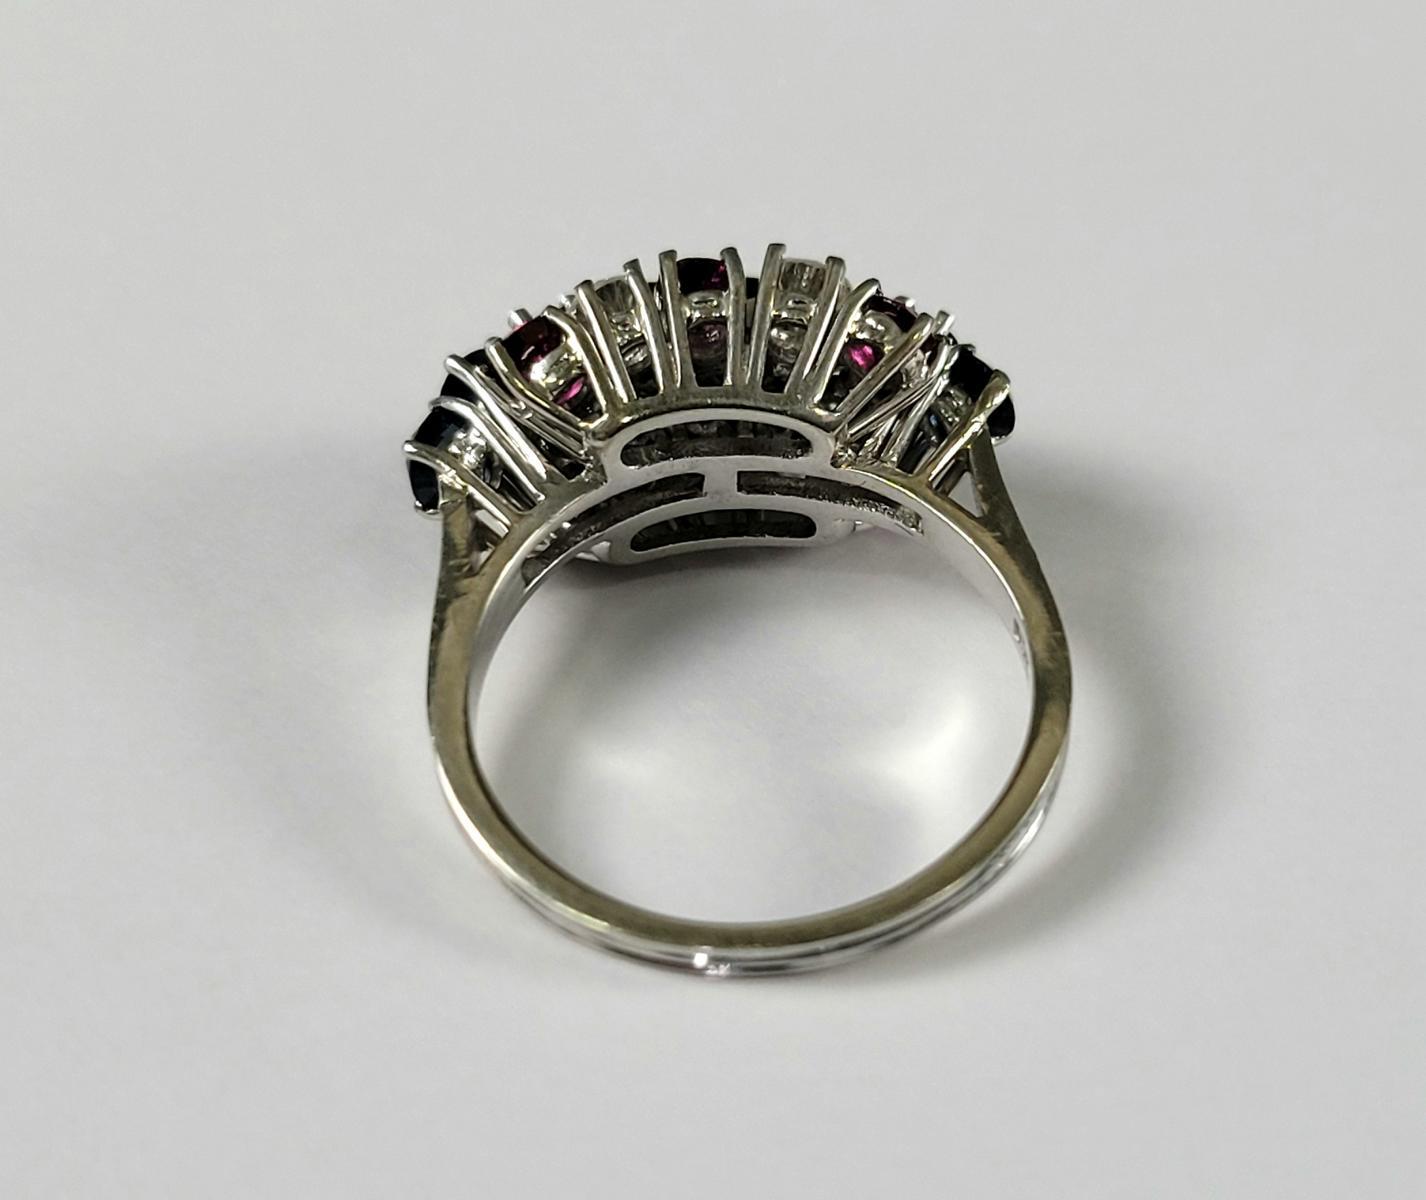 Damenring mit Saphiren, Diamanten und Rubinen, 18 Karat Weißgold-3